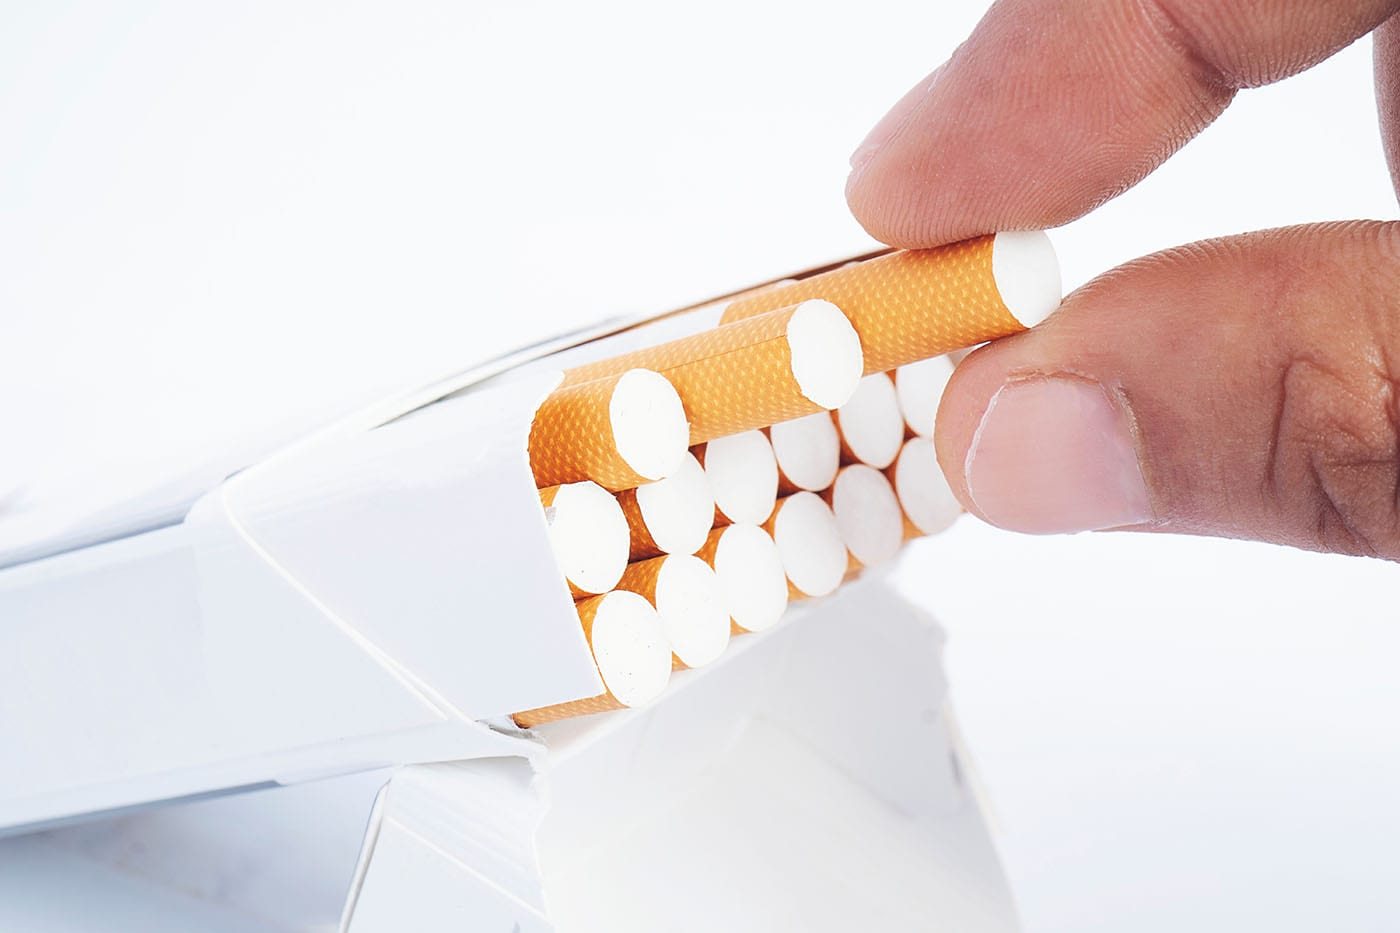 Efectele fumatului: în ce fel dăunează creierului?